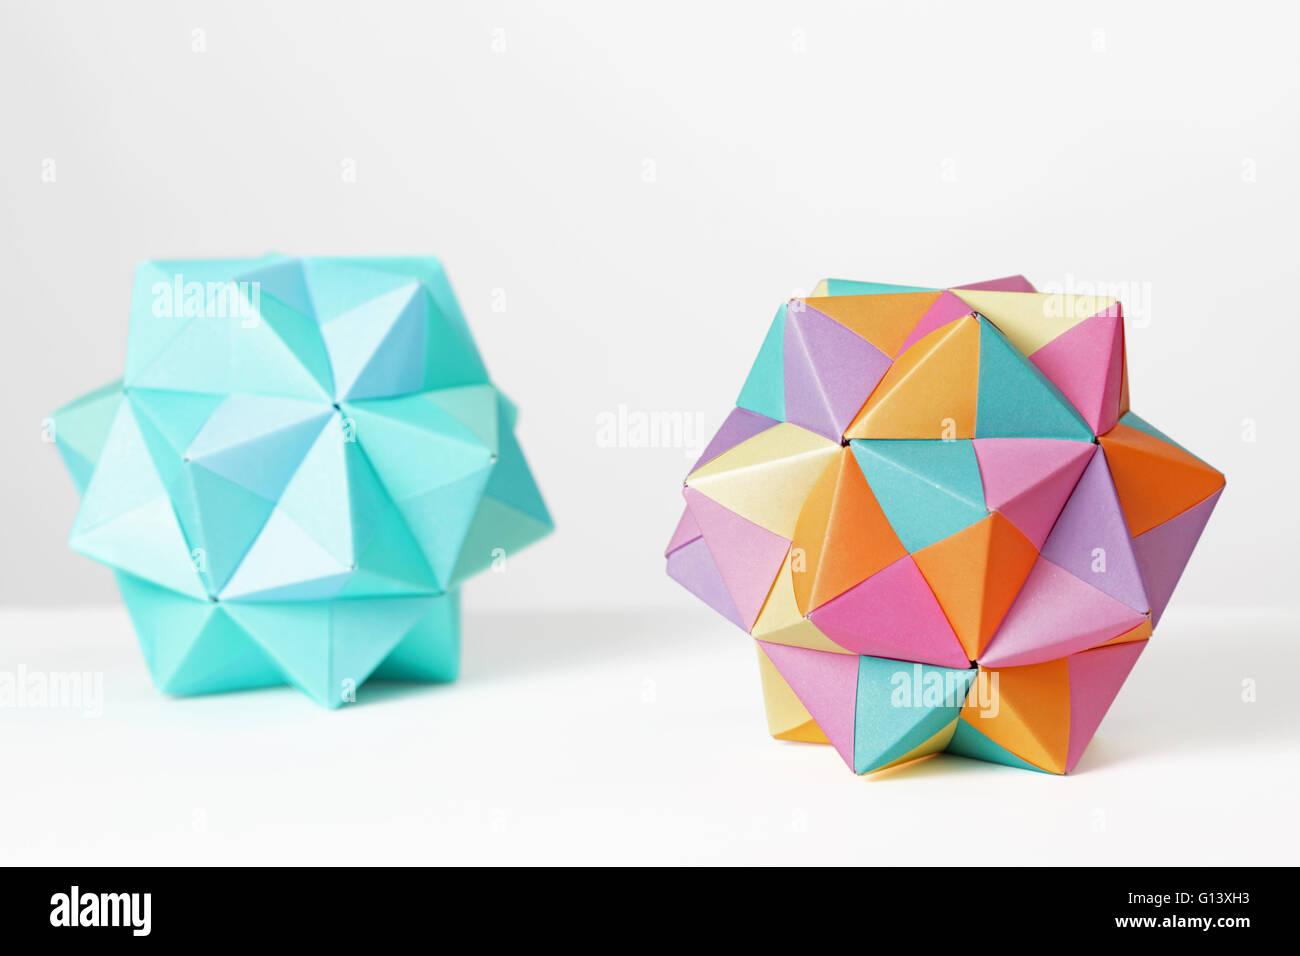 Zwei bunte modulare Origami Ikosaeder gefaltet in Papier auf weißem Hintergrund. Jedes Modul basiert auf einem Stockbild